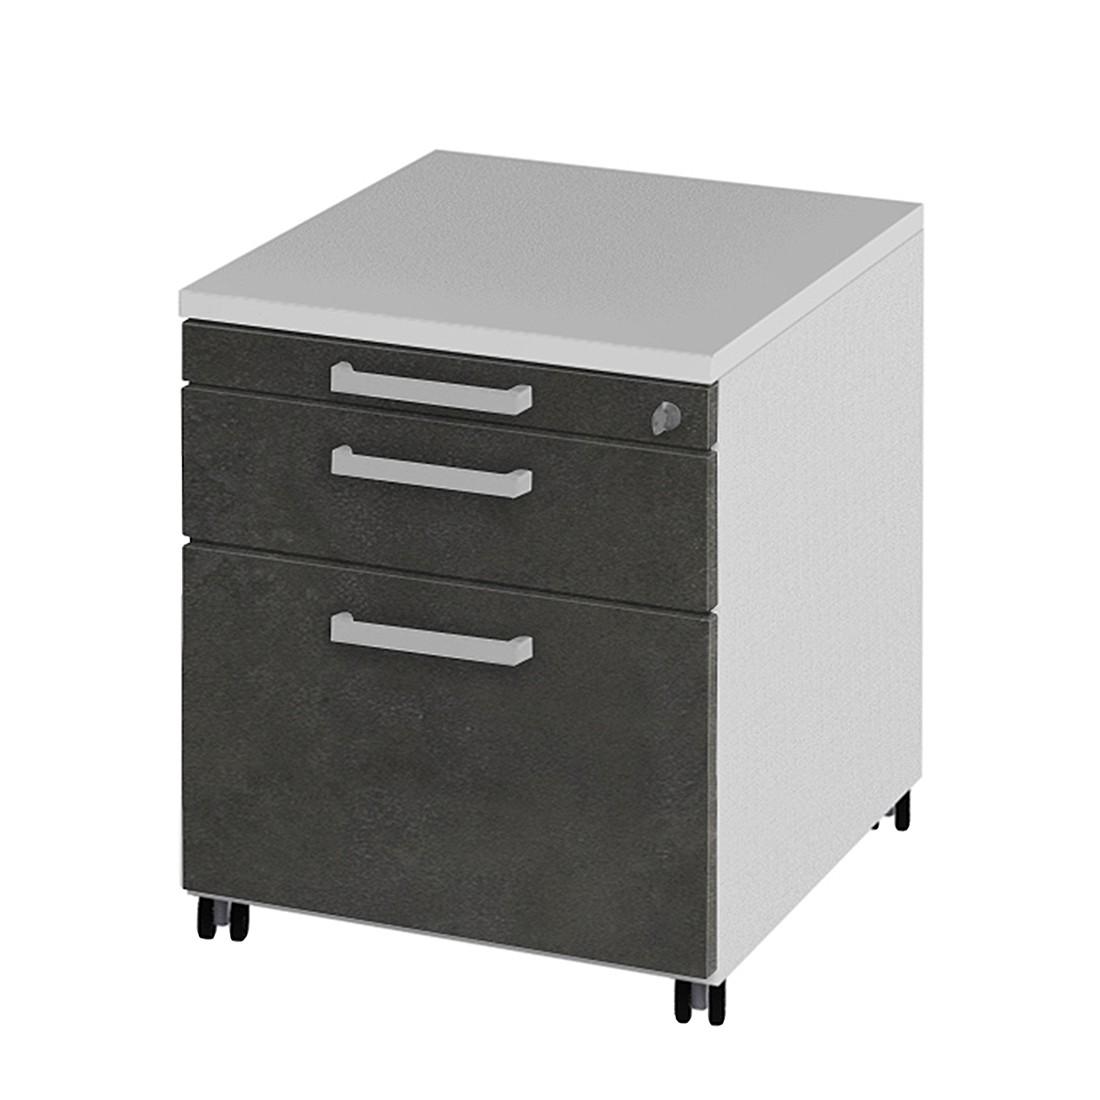 Rollcontainer Objekt.Plus I – Weiß/Grau, röhr bestellen